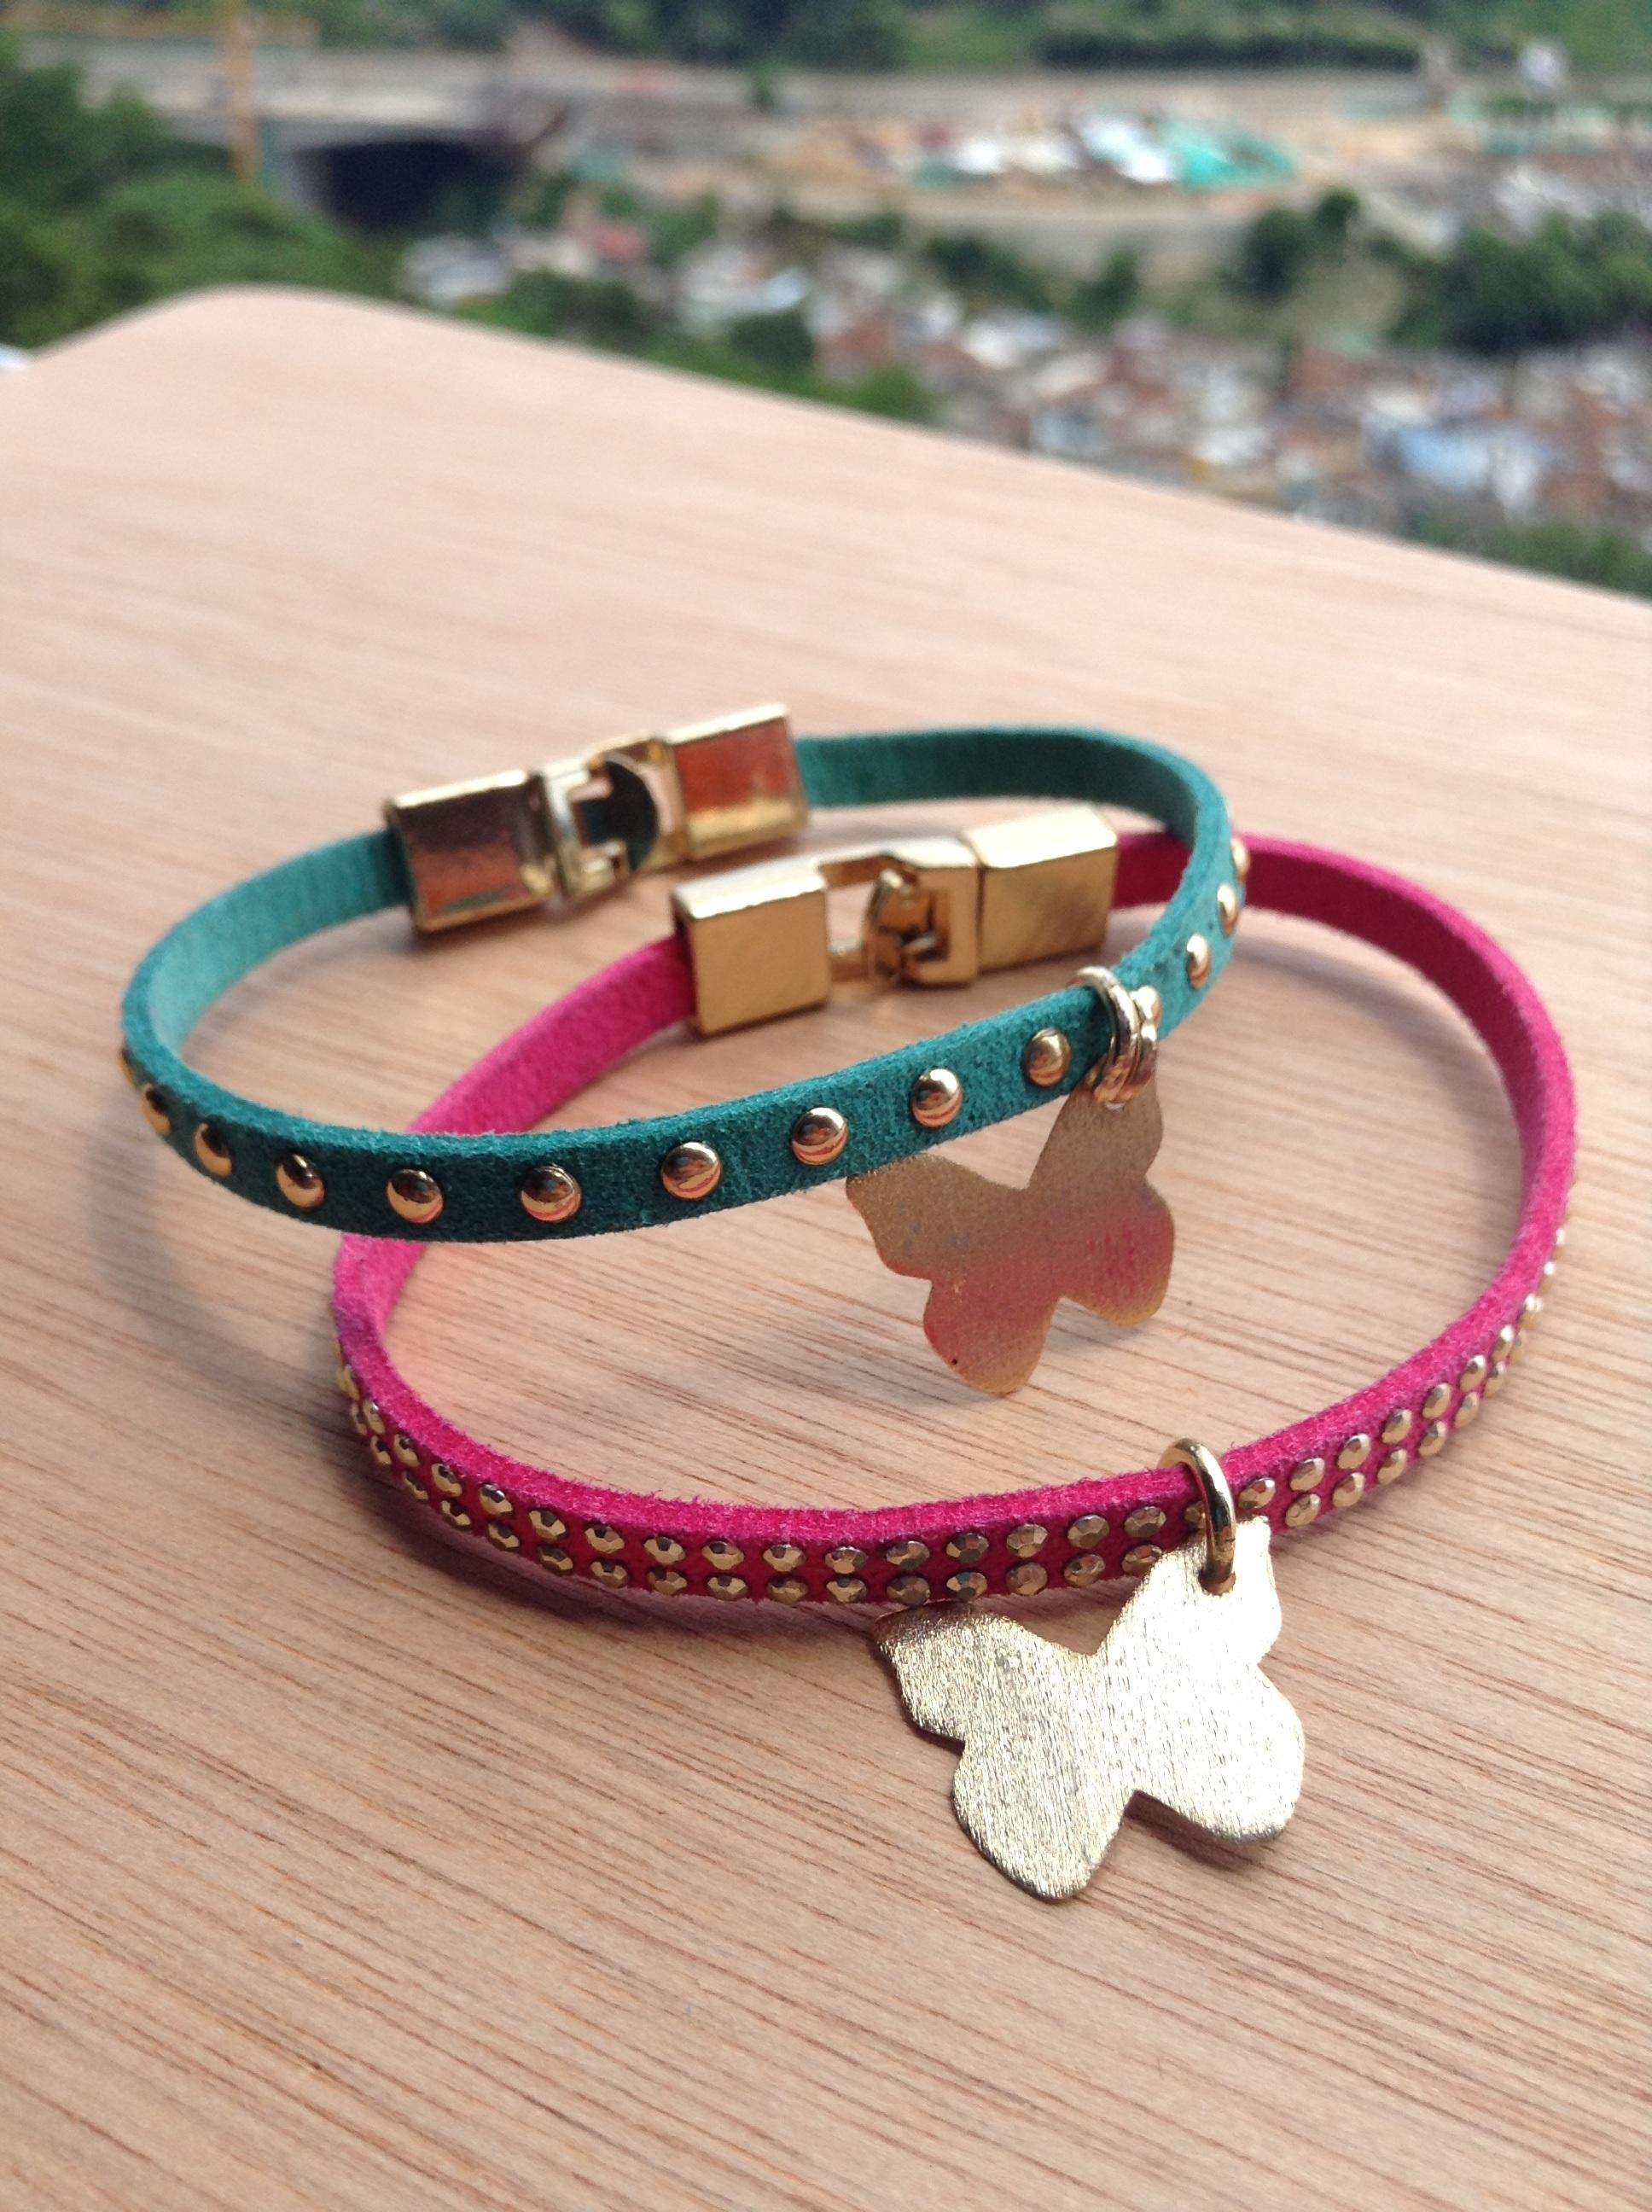 2c24dcb1e1f7 mano arte rosado joyería pulsera joyería accesorios joyería de imitación  Brasil Accesorio de moda